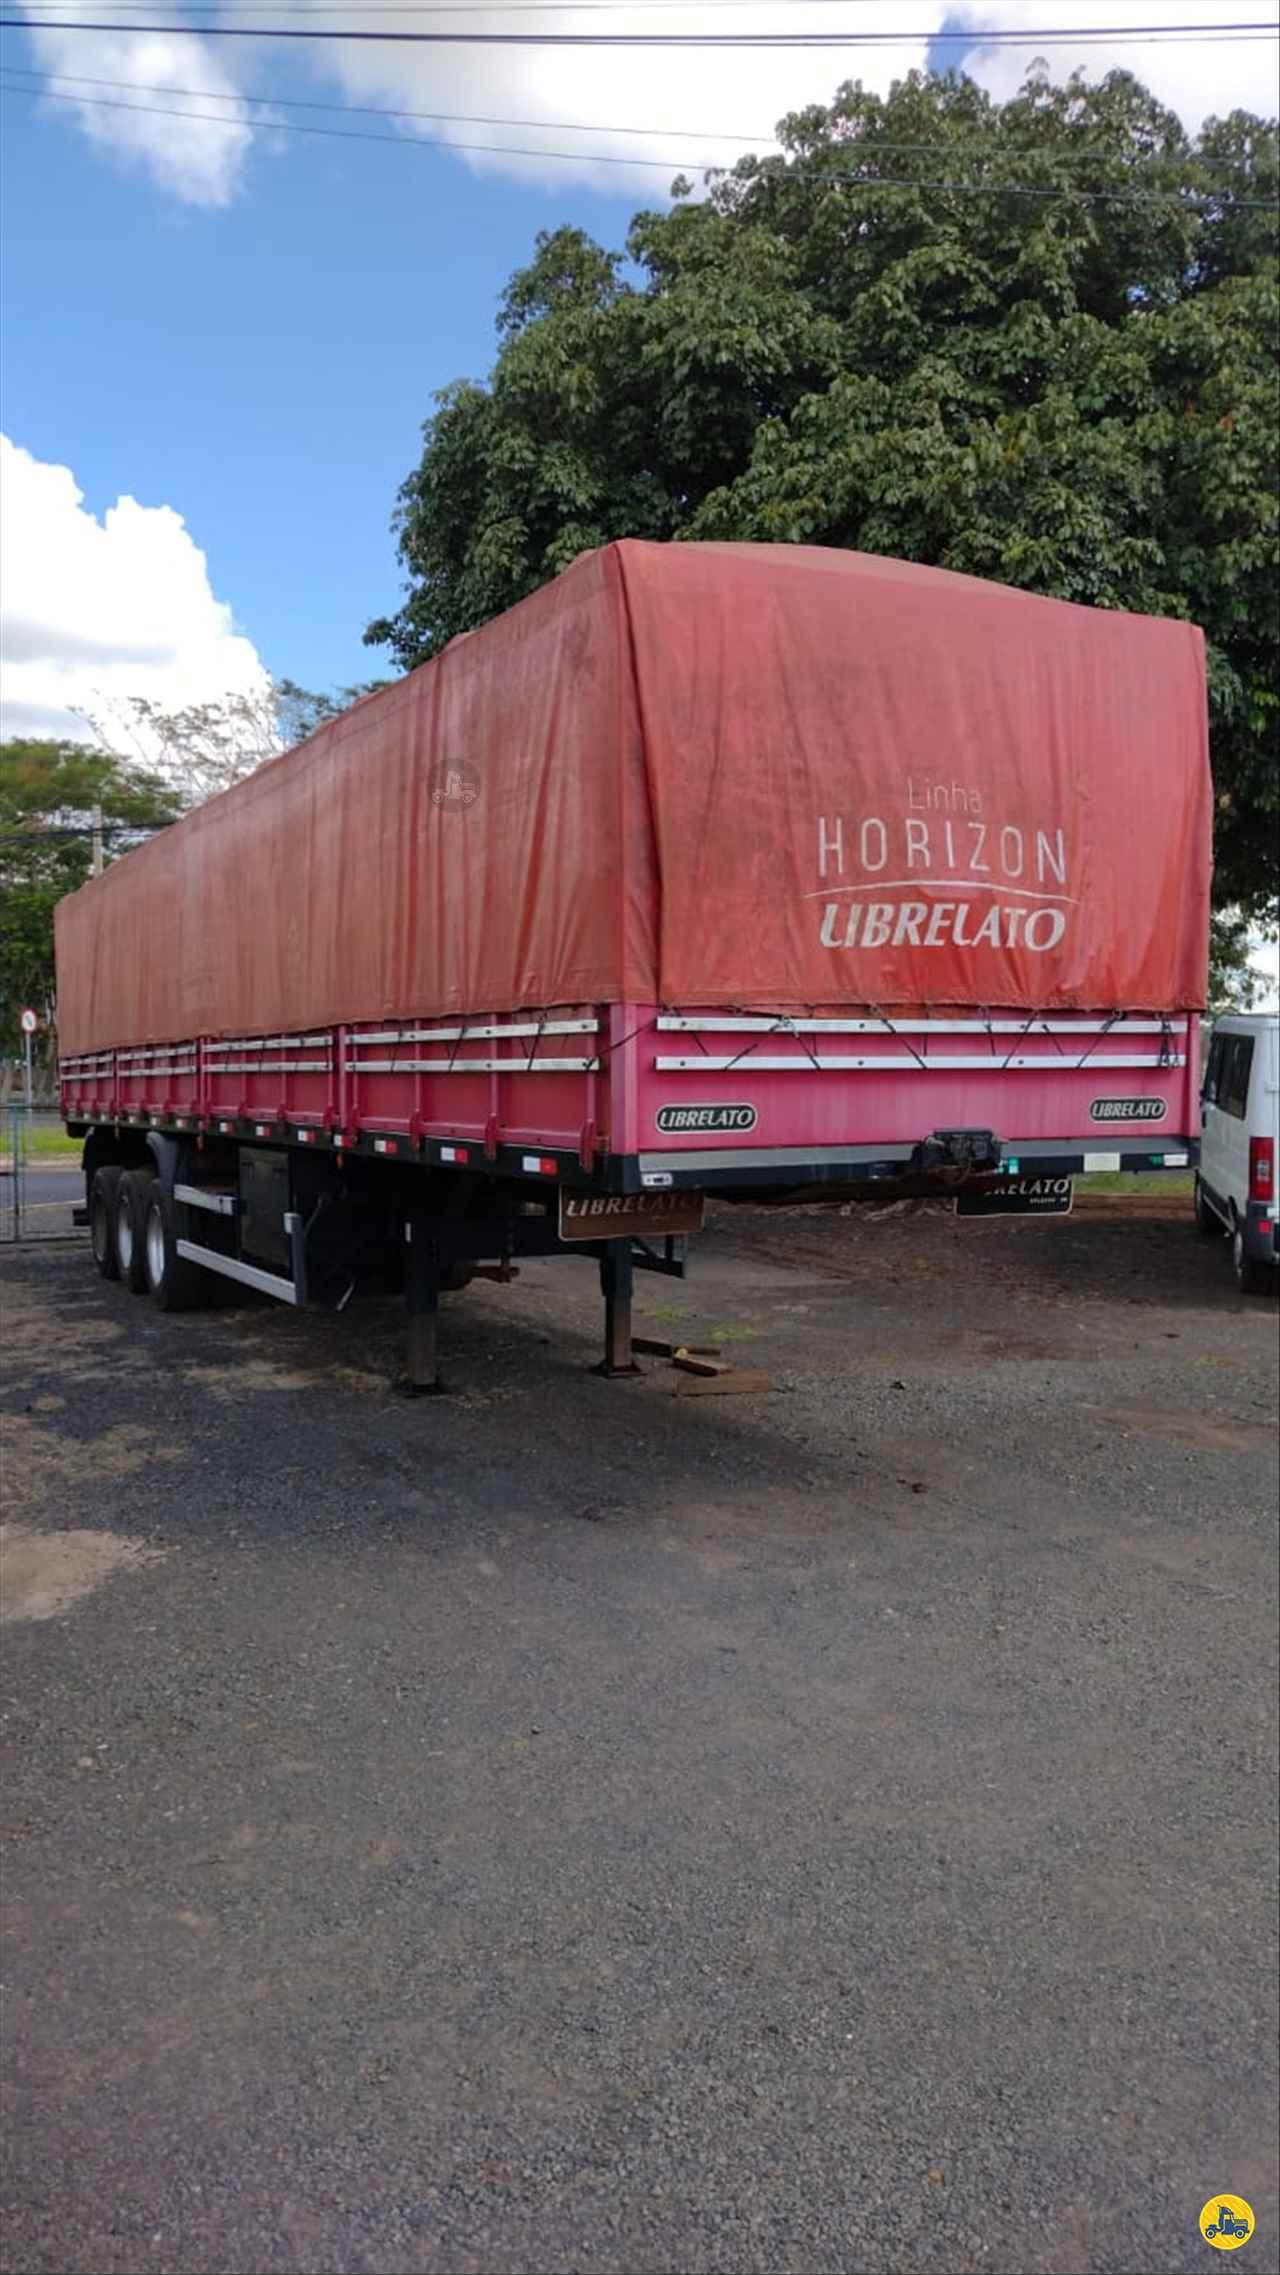 CARRETA SEMI-REBOQUE GRANELEIRO Gama Caminhões e Utilitários CATANDUVA SÃO PAULO SP